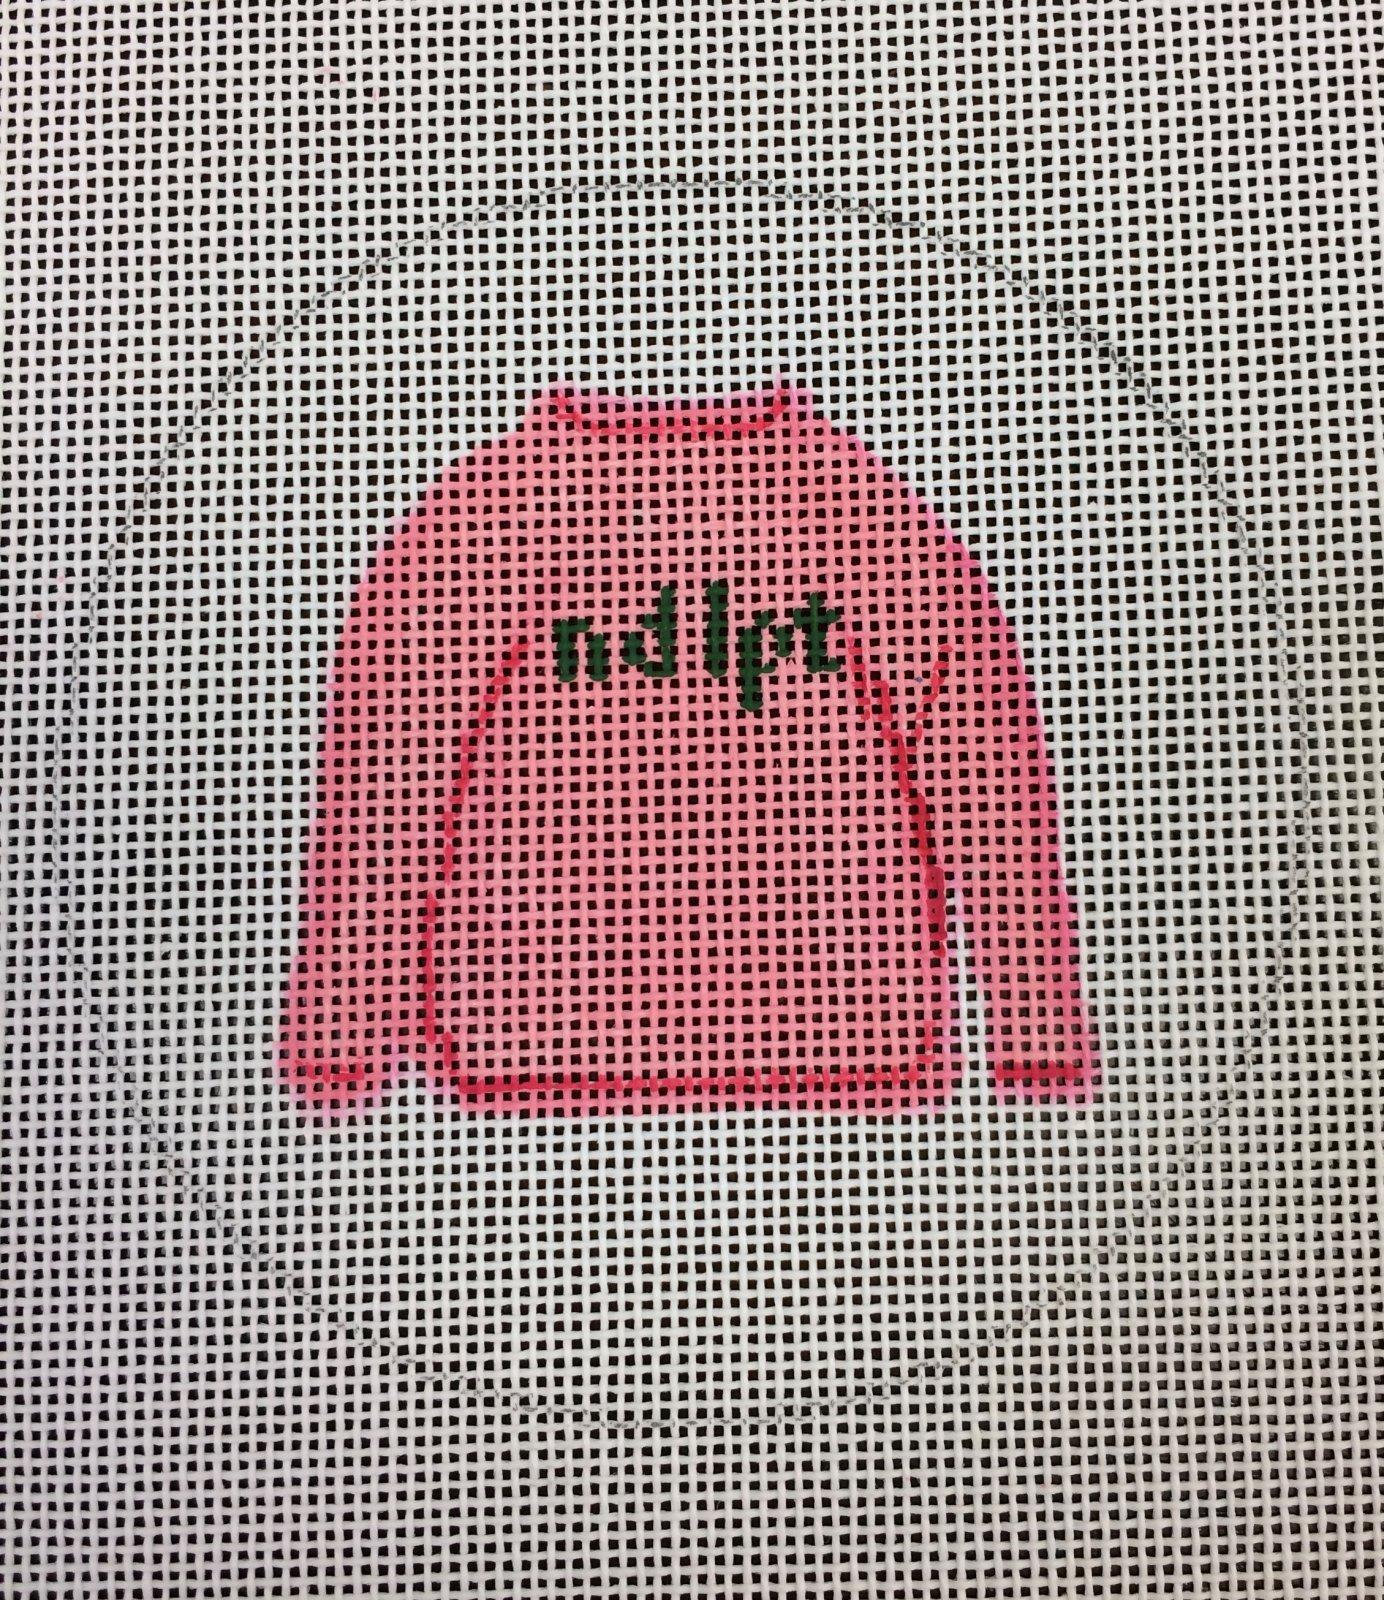 Ndlpt (Needlepoint) Pink Sweater